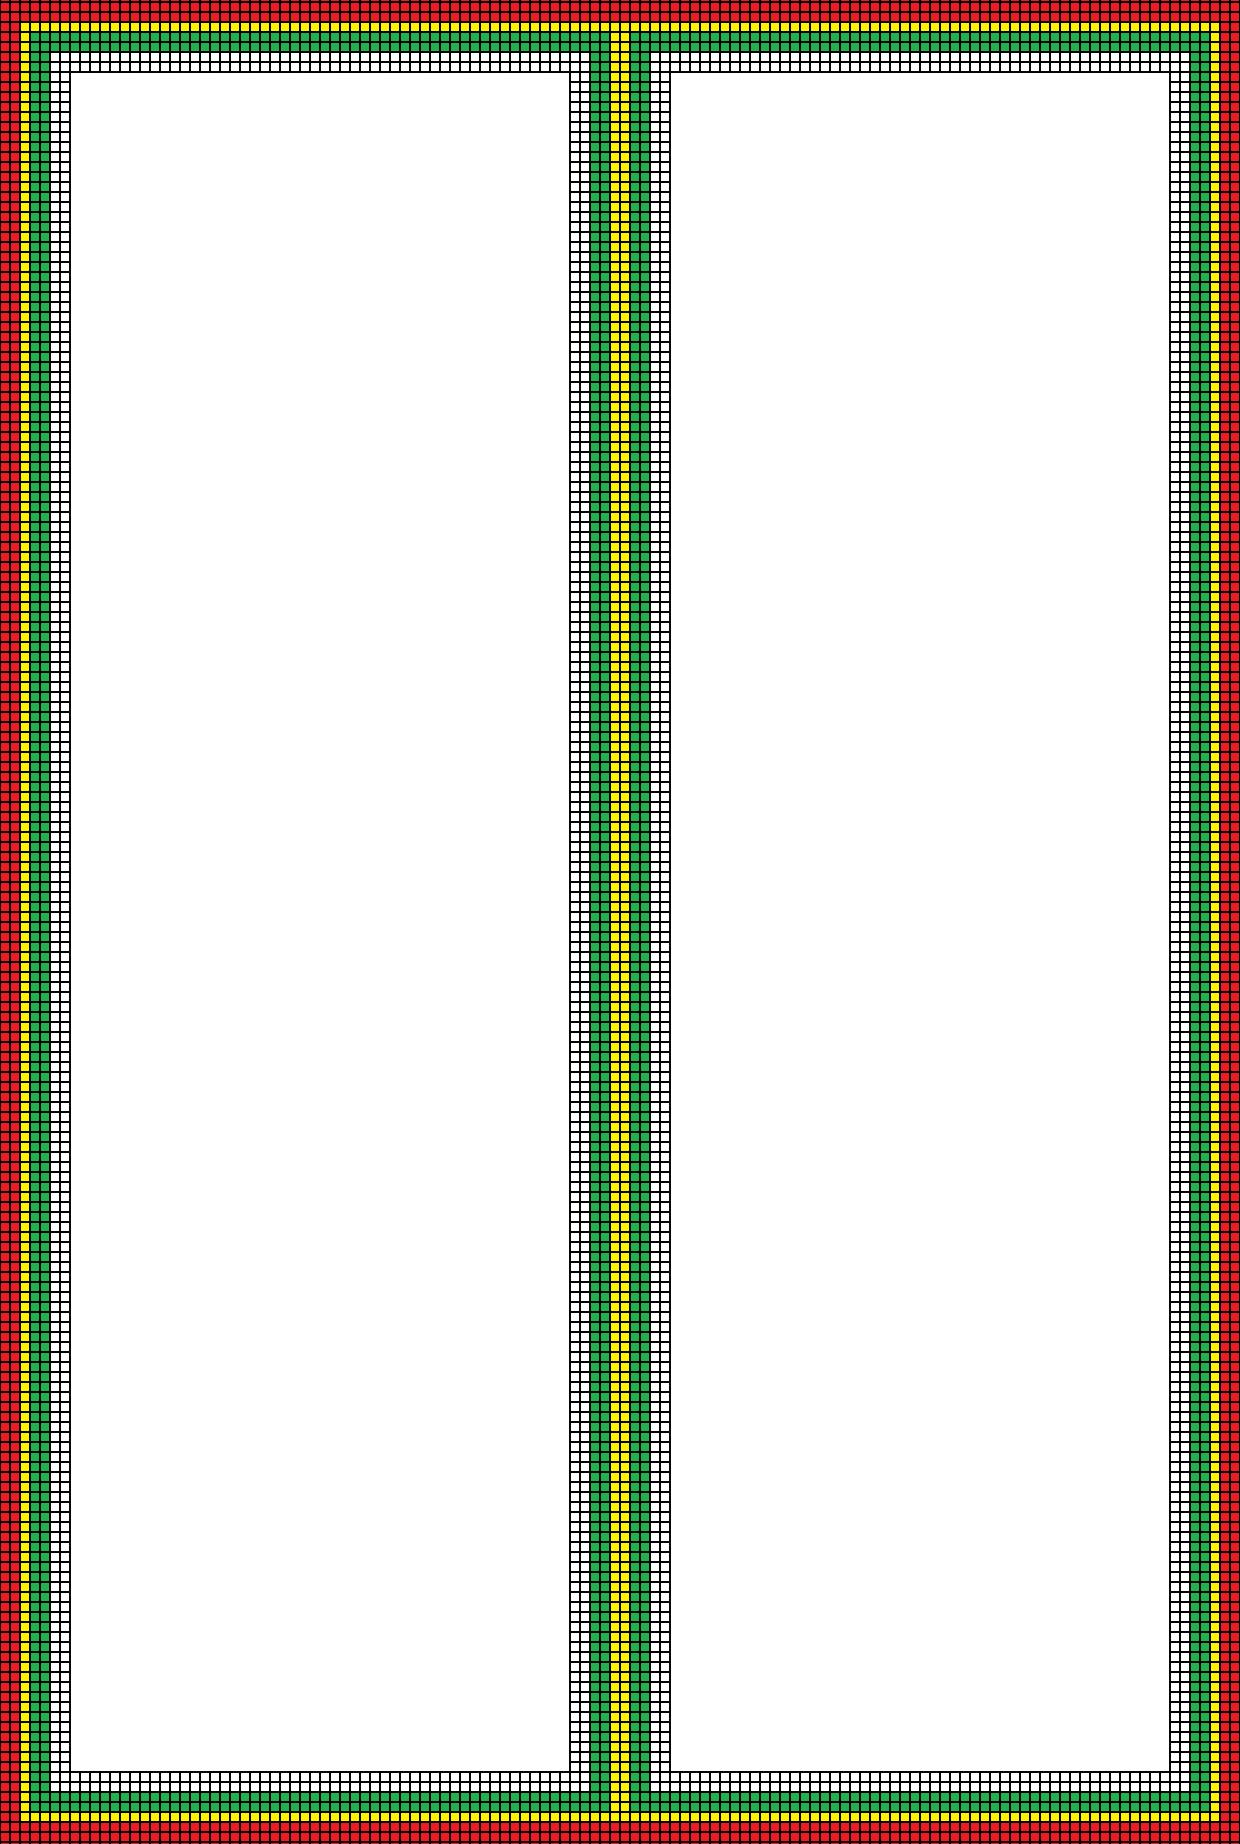 Print-dnp-vertical